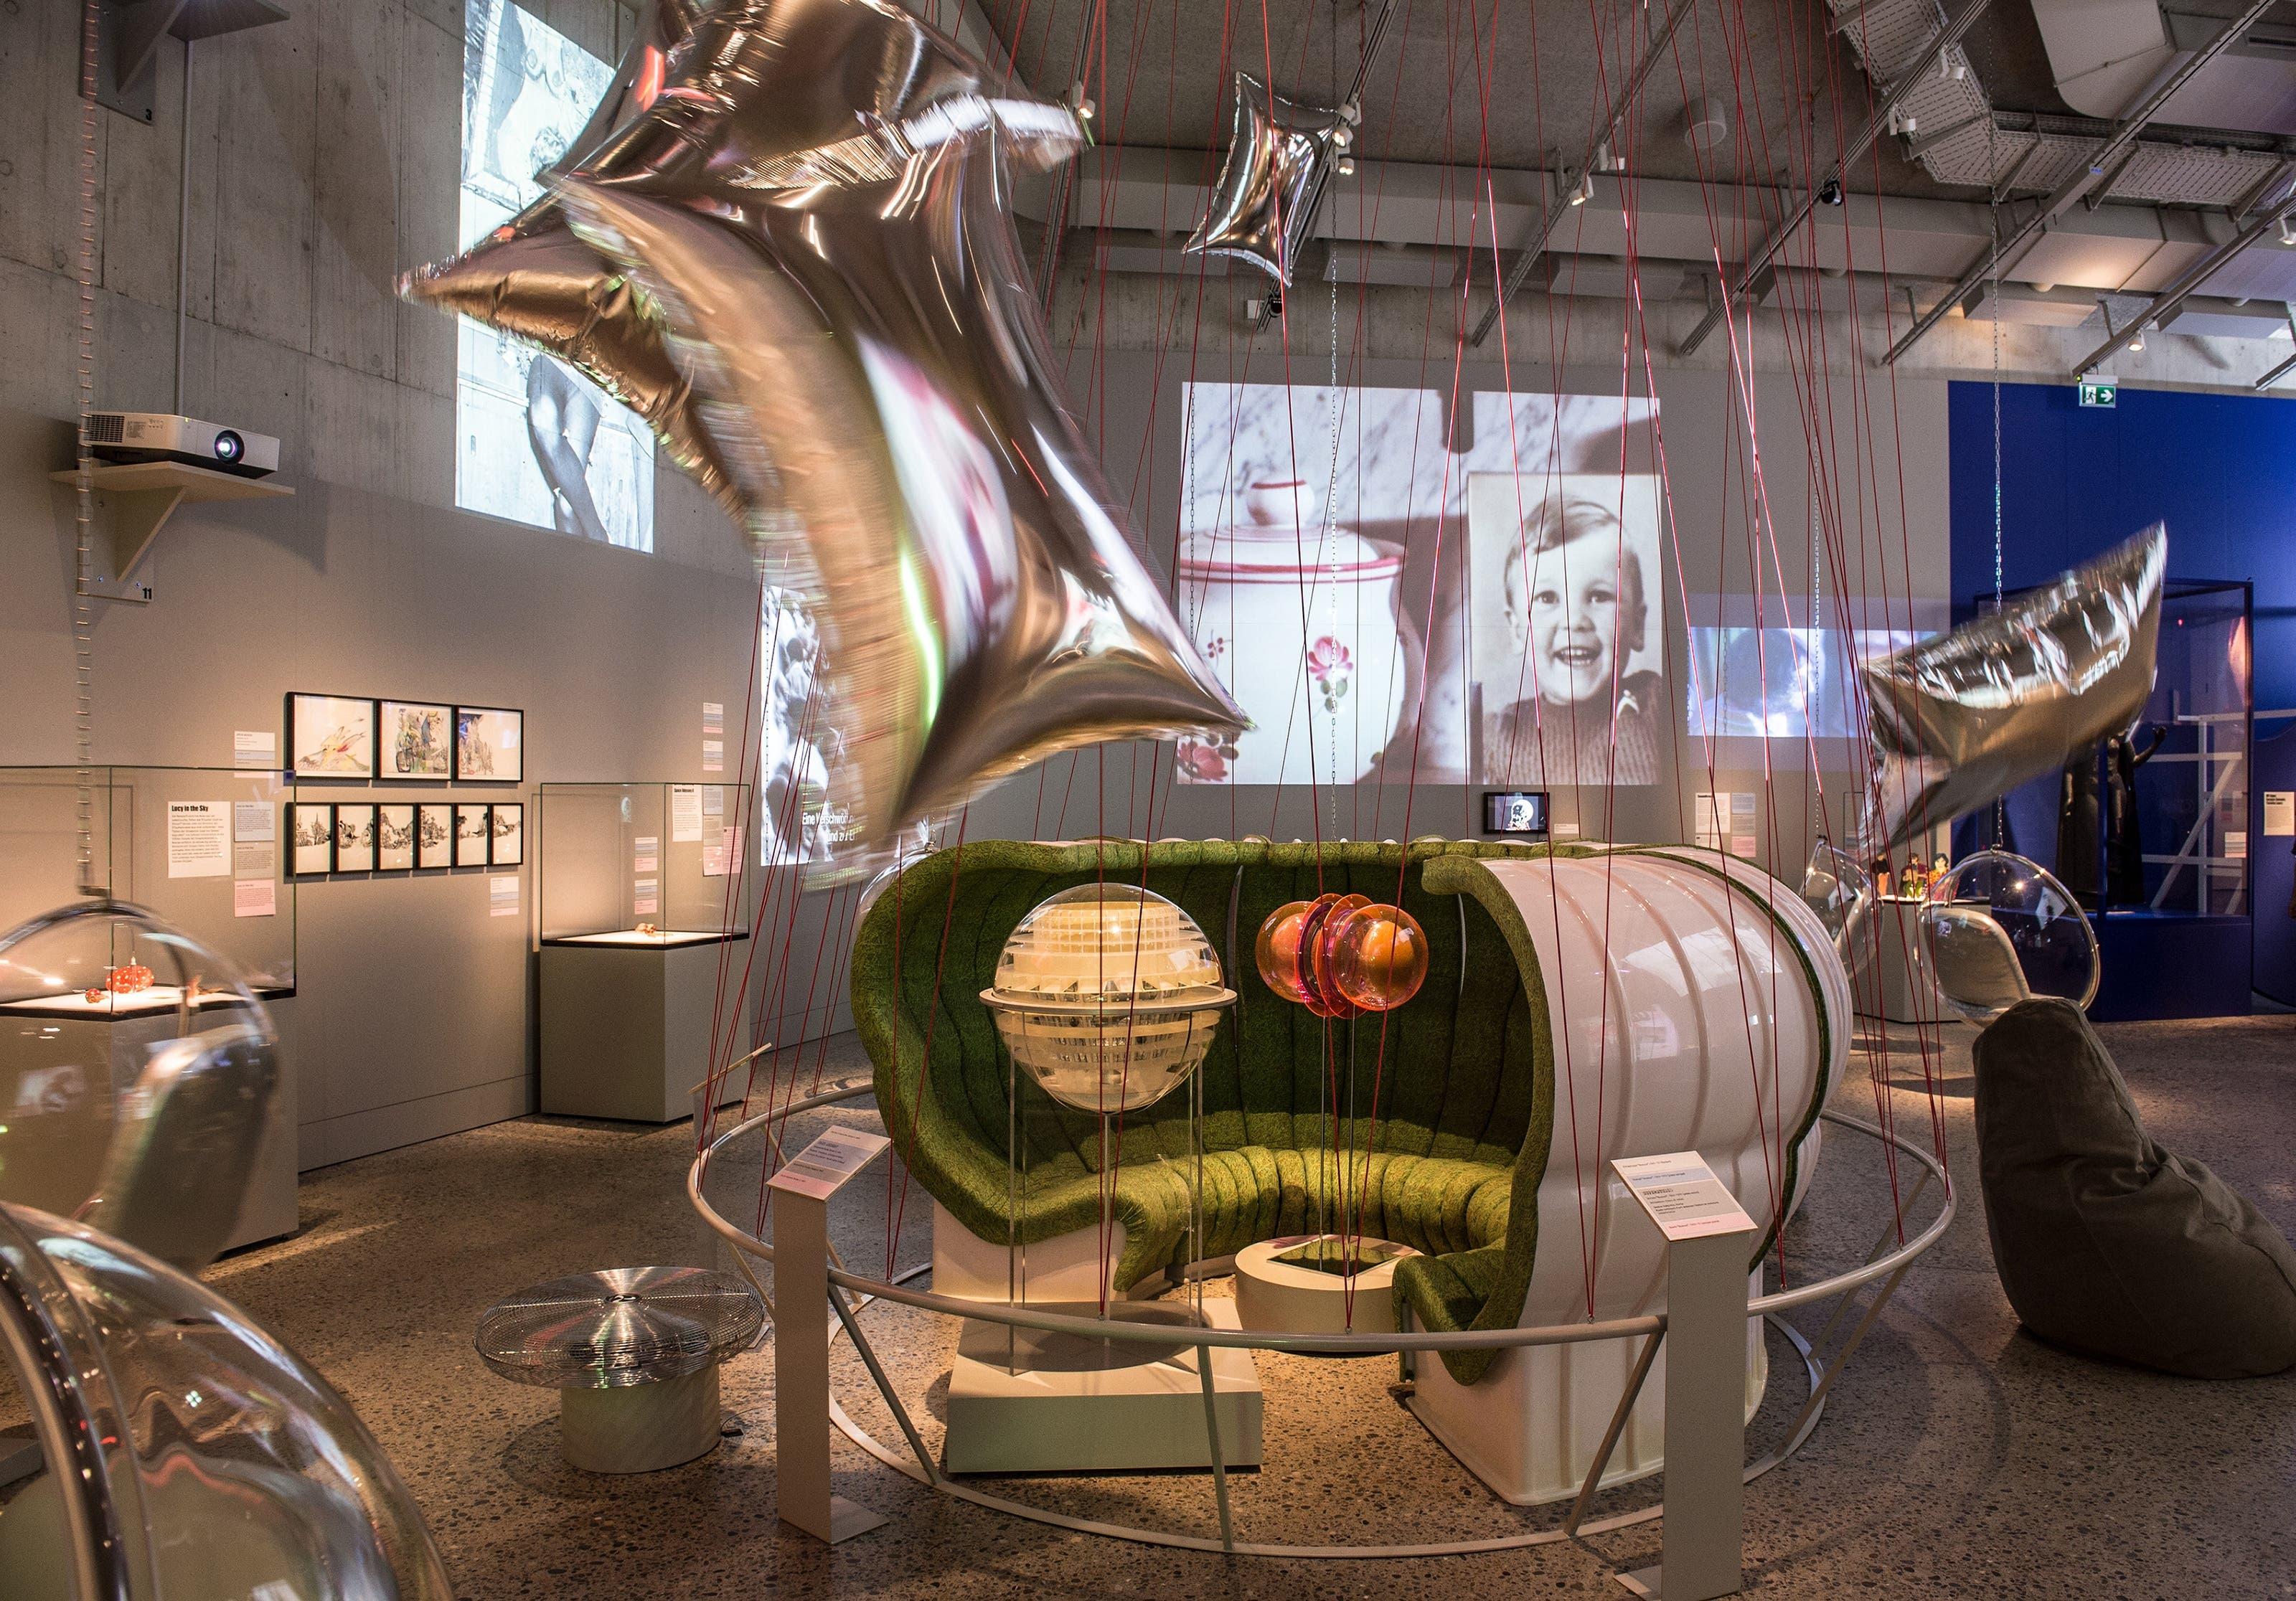 Installationsraum In diesem Raum braucht man kein LSD für eine Zeitreise. Falls doch, liegt es nebenan in der Vitrine.